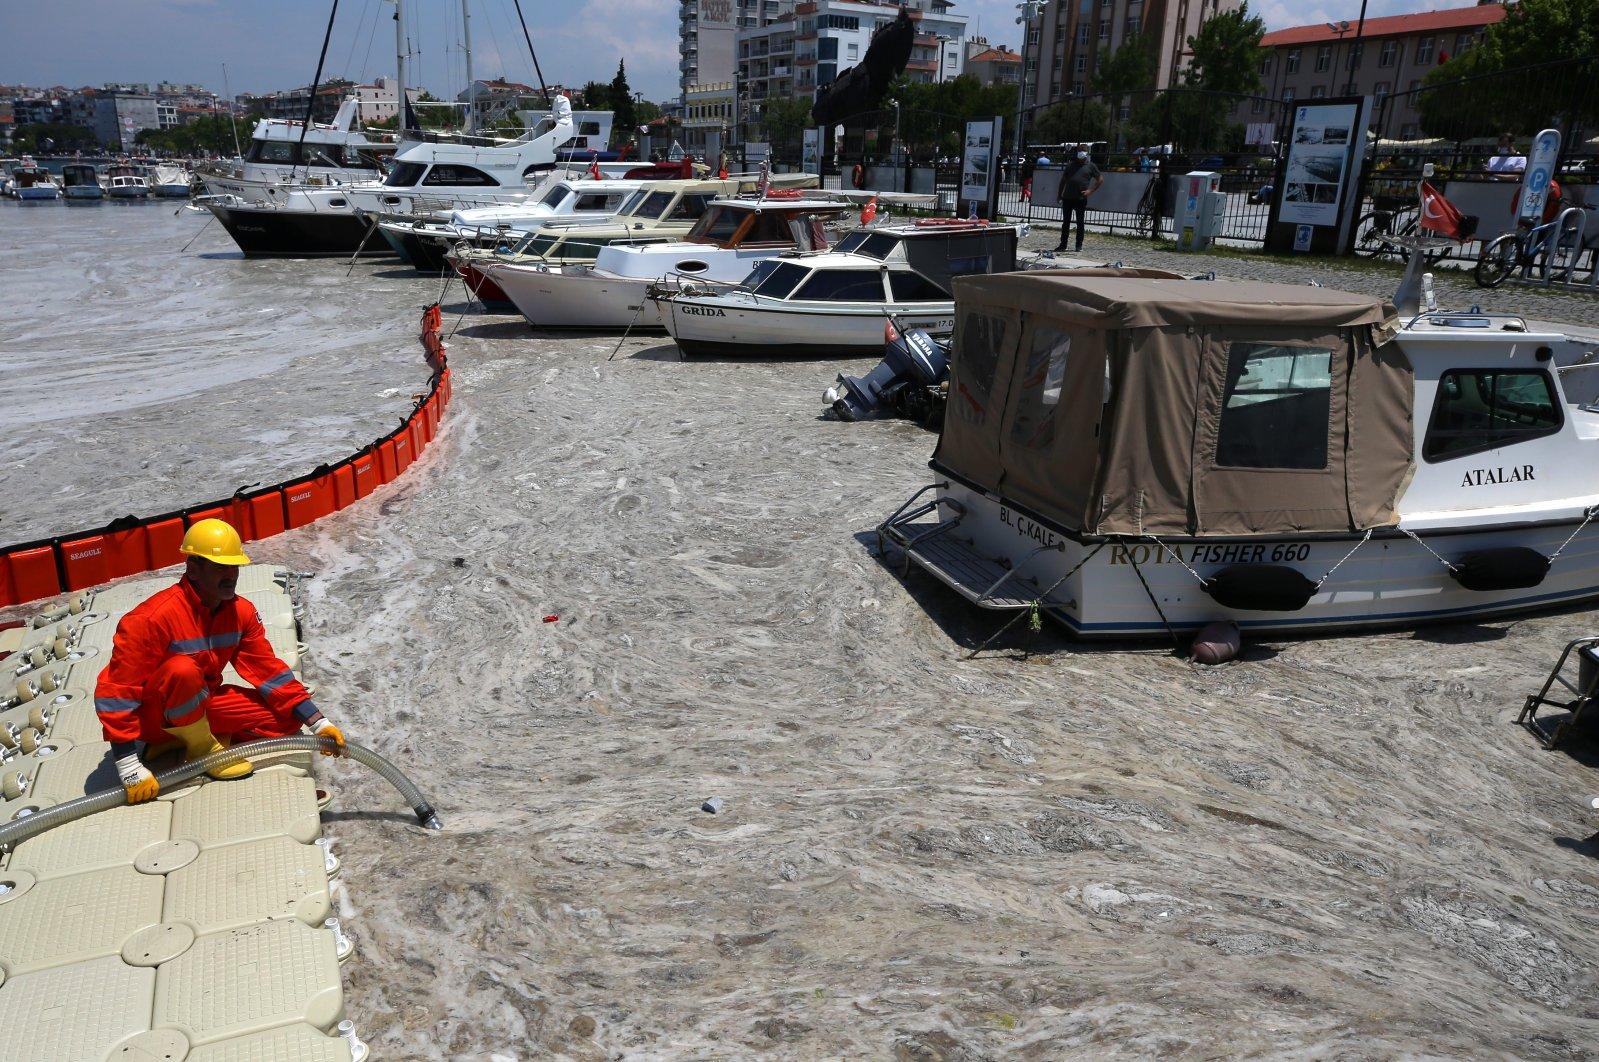 A worker drains mucilage from the sea, in Çanakkale, western Turkey, Jun. 8, 2021. (AA PHOTO)